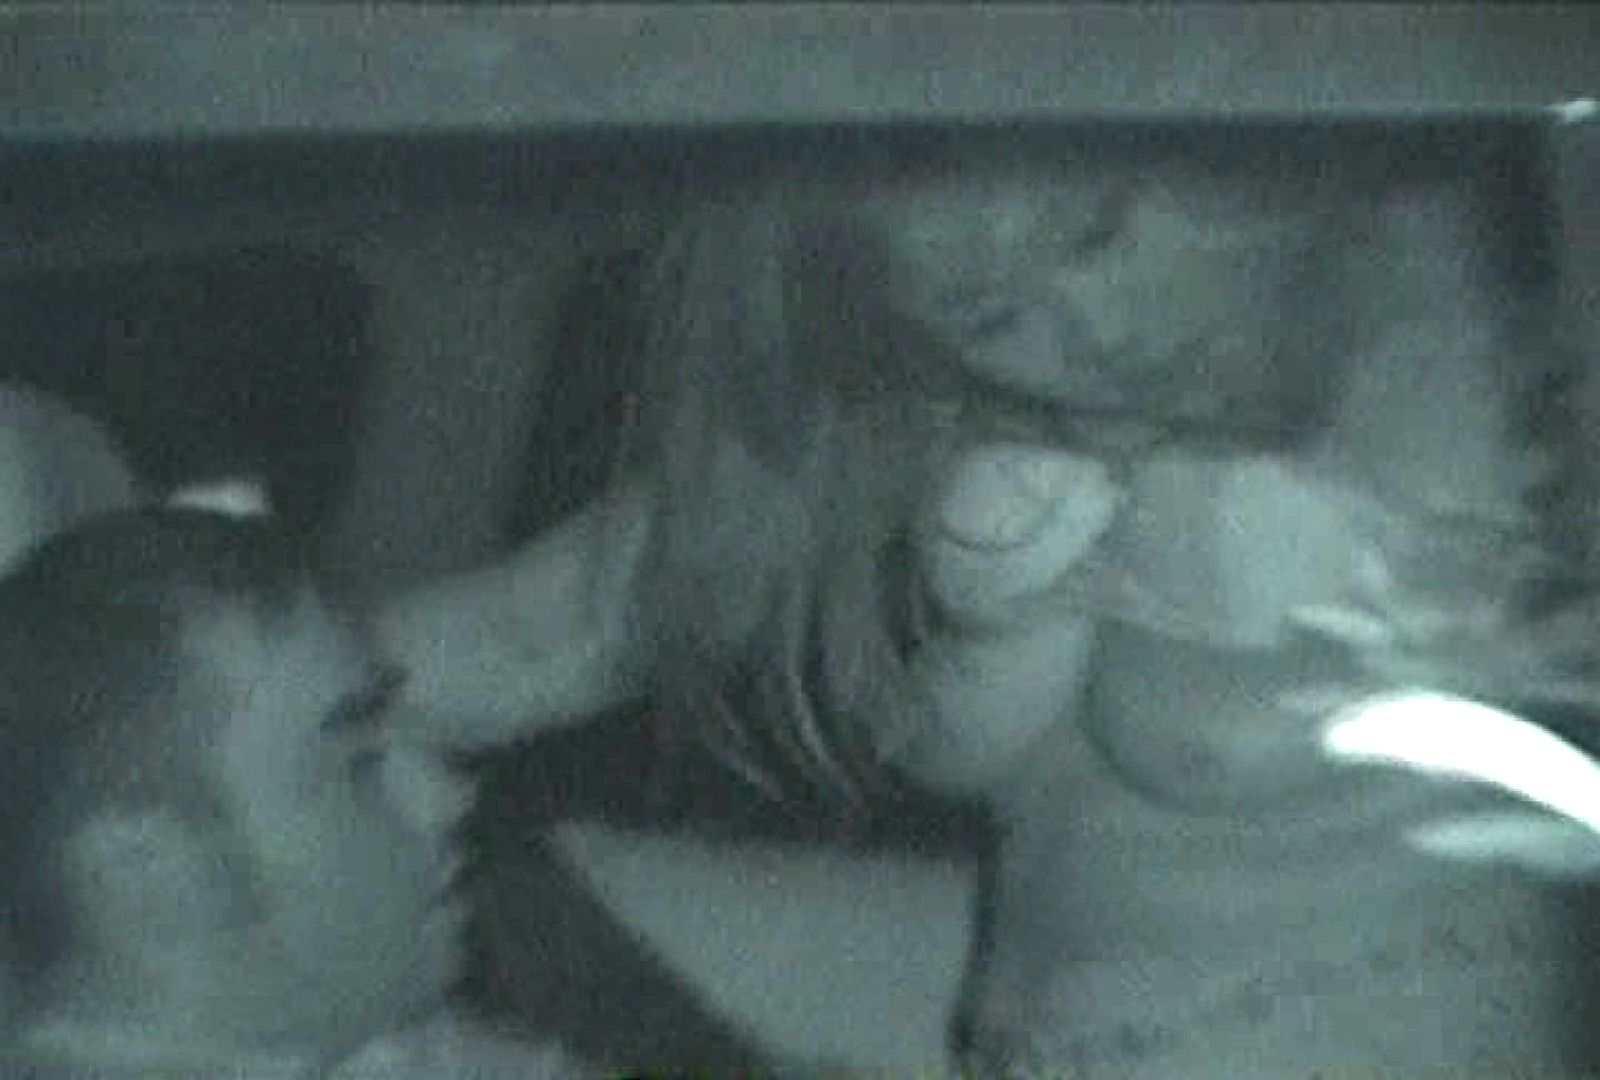 充血監督の深夜の運動会Vol.96 エロティックなOL オマンコ動画キャプチャ 106画像 87